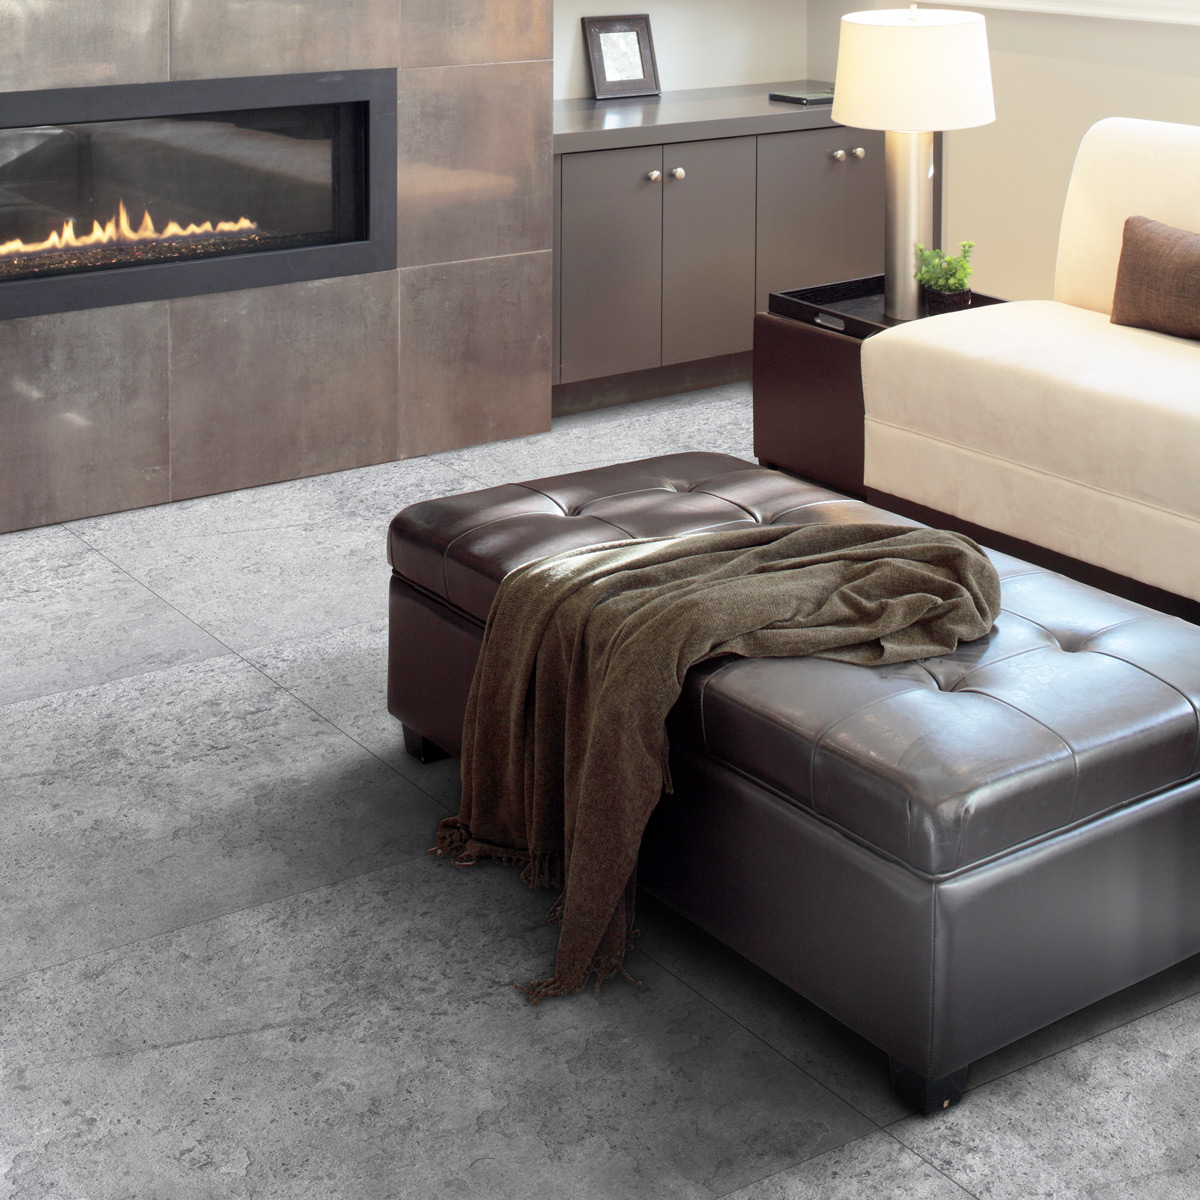 stickers sol carreaux de ciment dalle de pierre anti. Black Bedroom Furniture Sets. Home Design Ideas